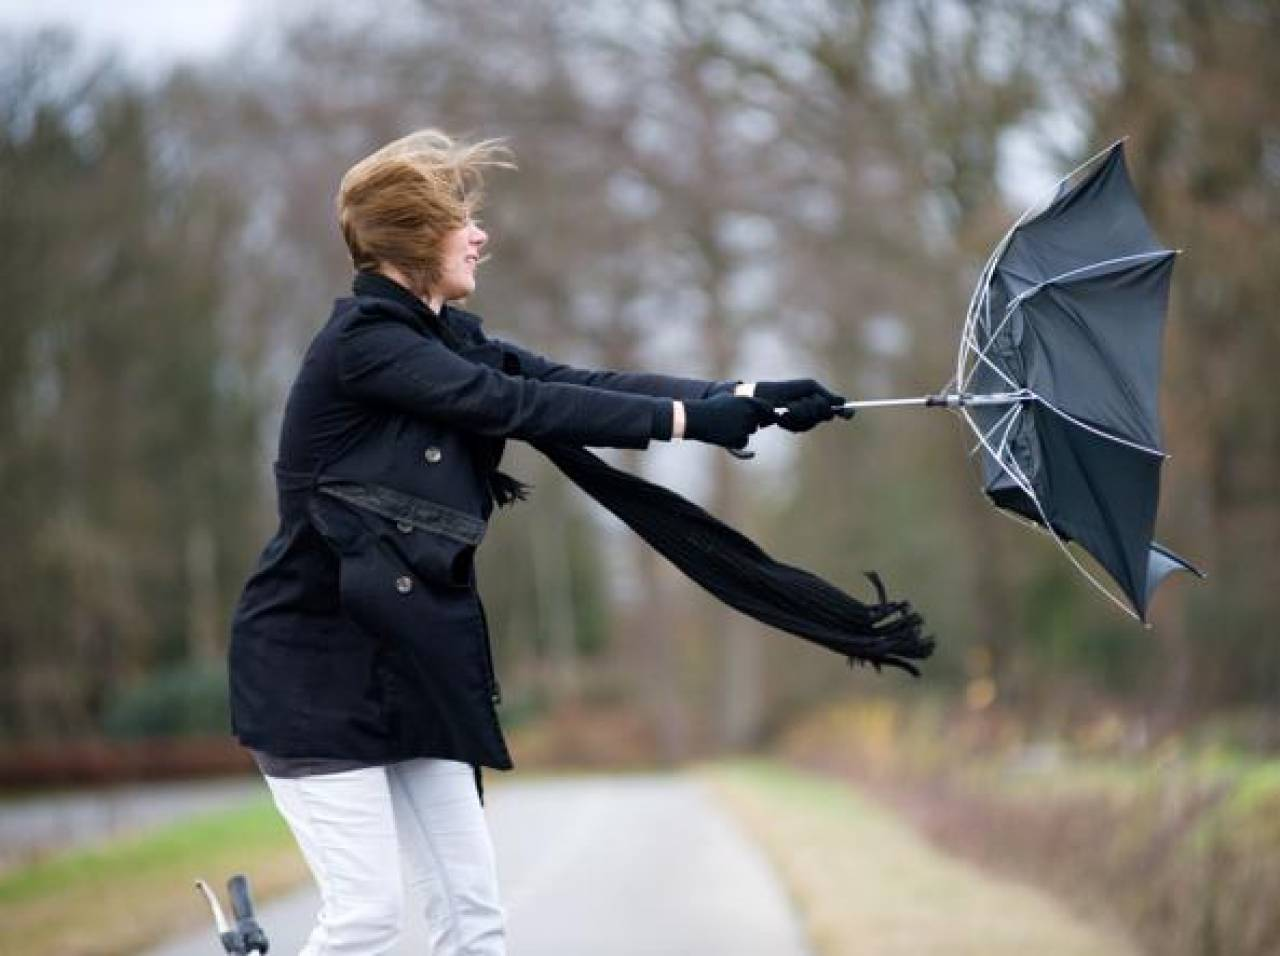 Meteo, clima pazzo ancora sbalzi termici nei prossimi giorni